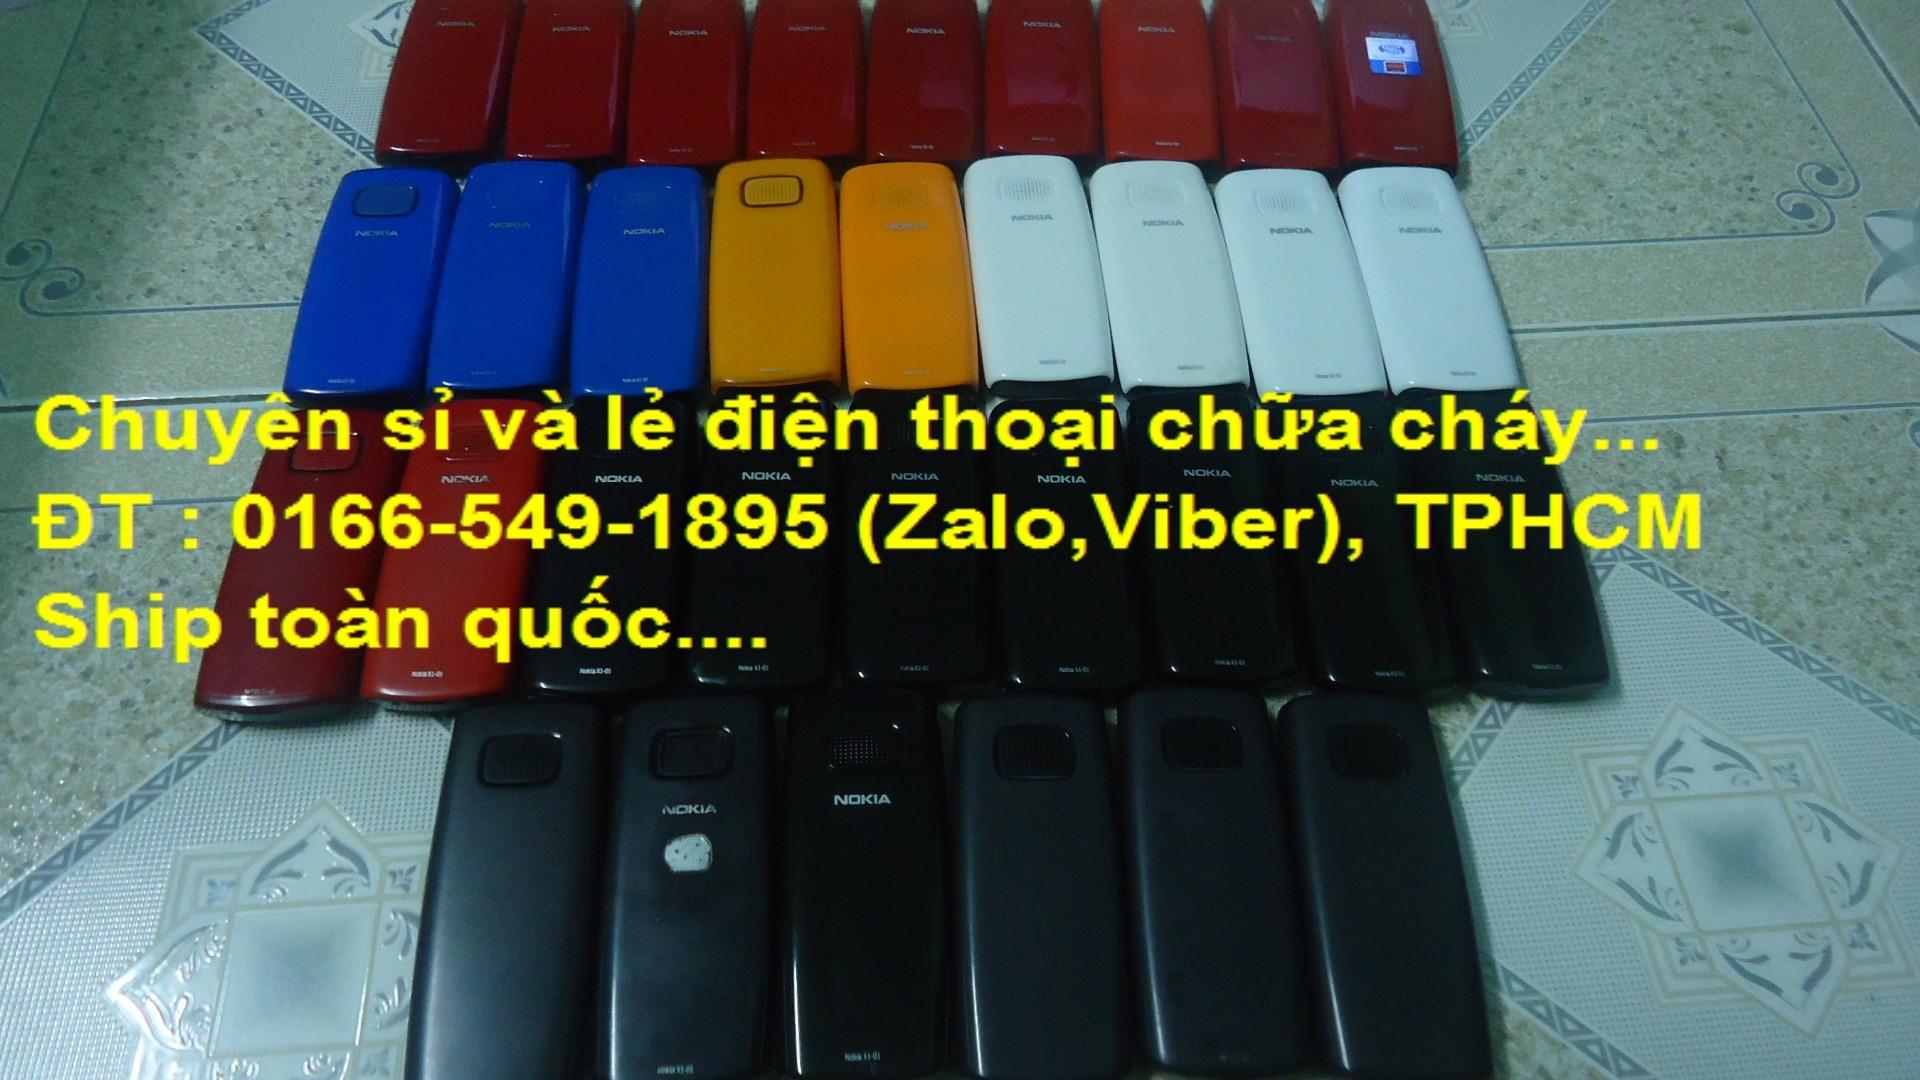 Chuyên bán sỉ nokia X1 01 giá rẻ nhất Sài Gòn - 164131